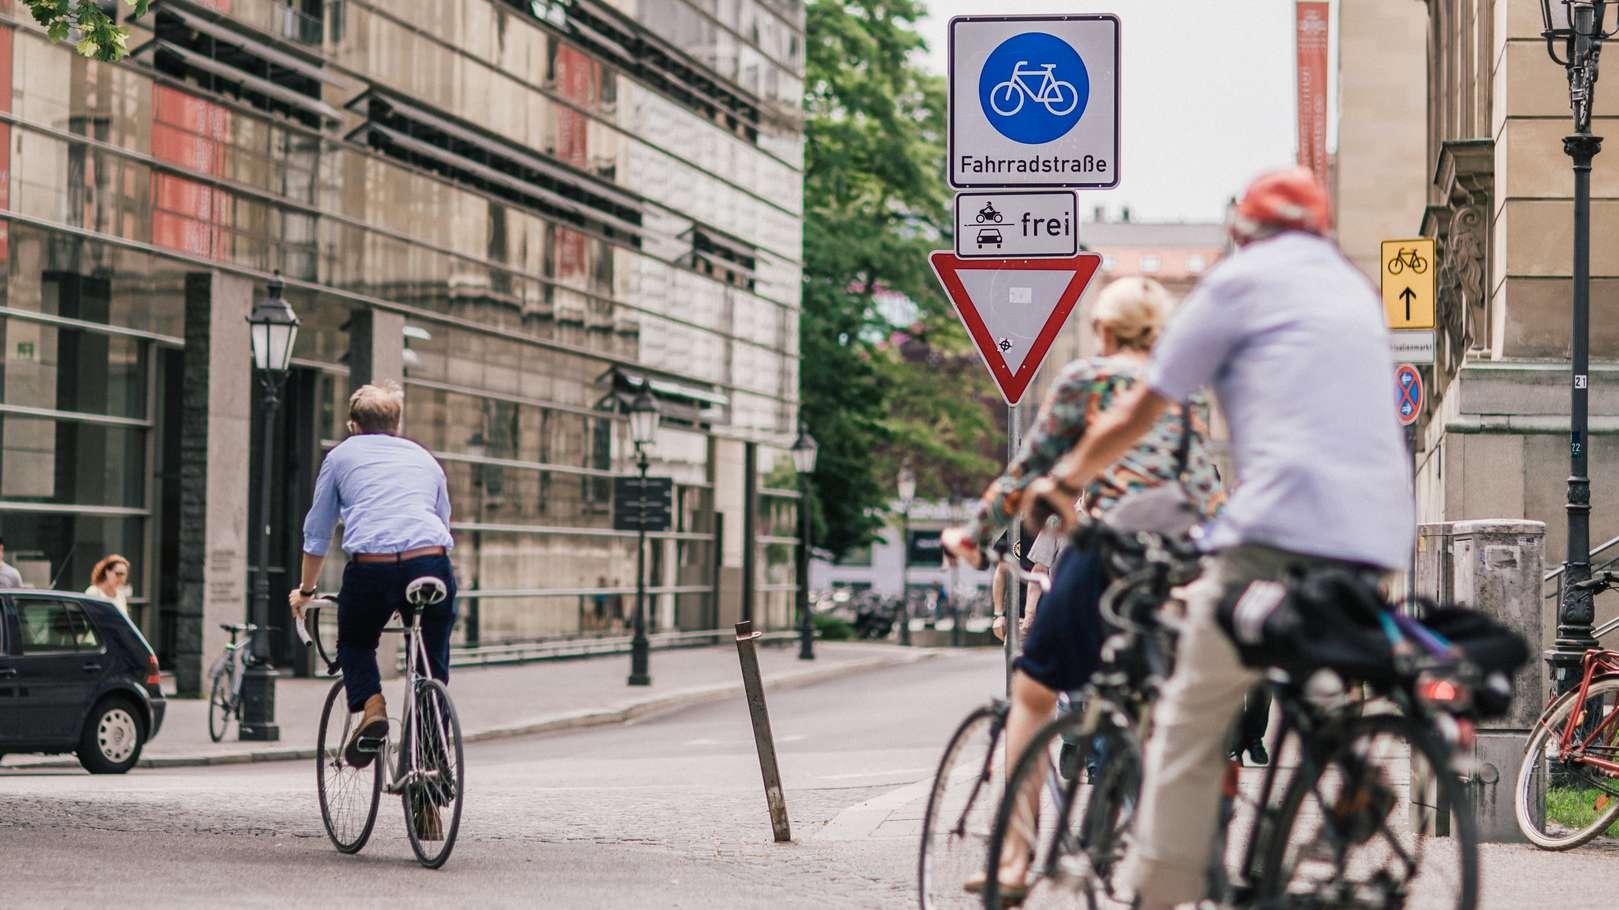 In München gibt es über 60 Fahrradstraßen. Aber auch hier gelten Regeln für Radler.